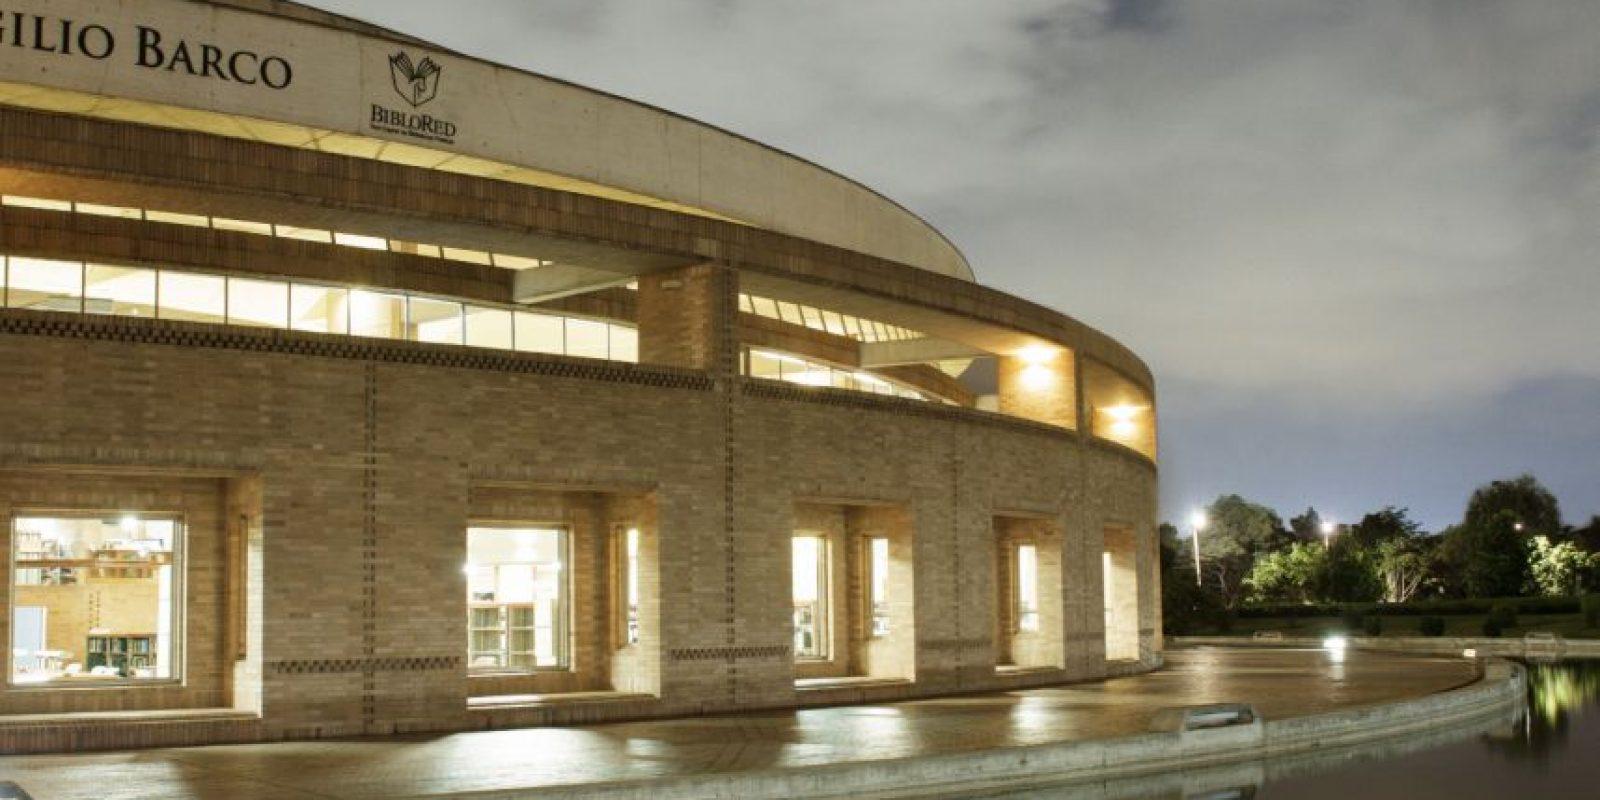 La Biblioteca Pública Virgilio Barco fue diseñada por el reconocido arquitecto colombiano Rogelio Salmona. Con la nueva iluminación, las líneas resaltan cada rincón. Foto:Juan Pablo Pino- Publimetro